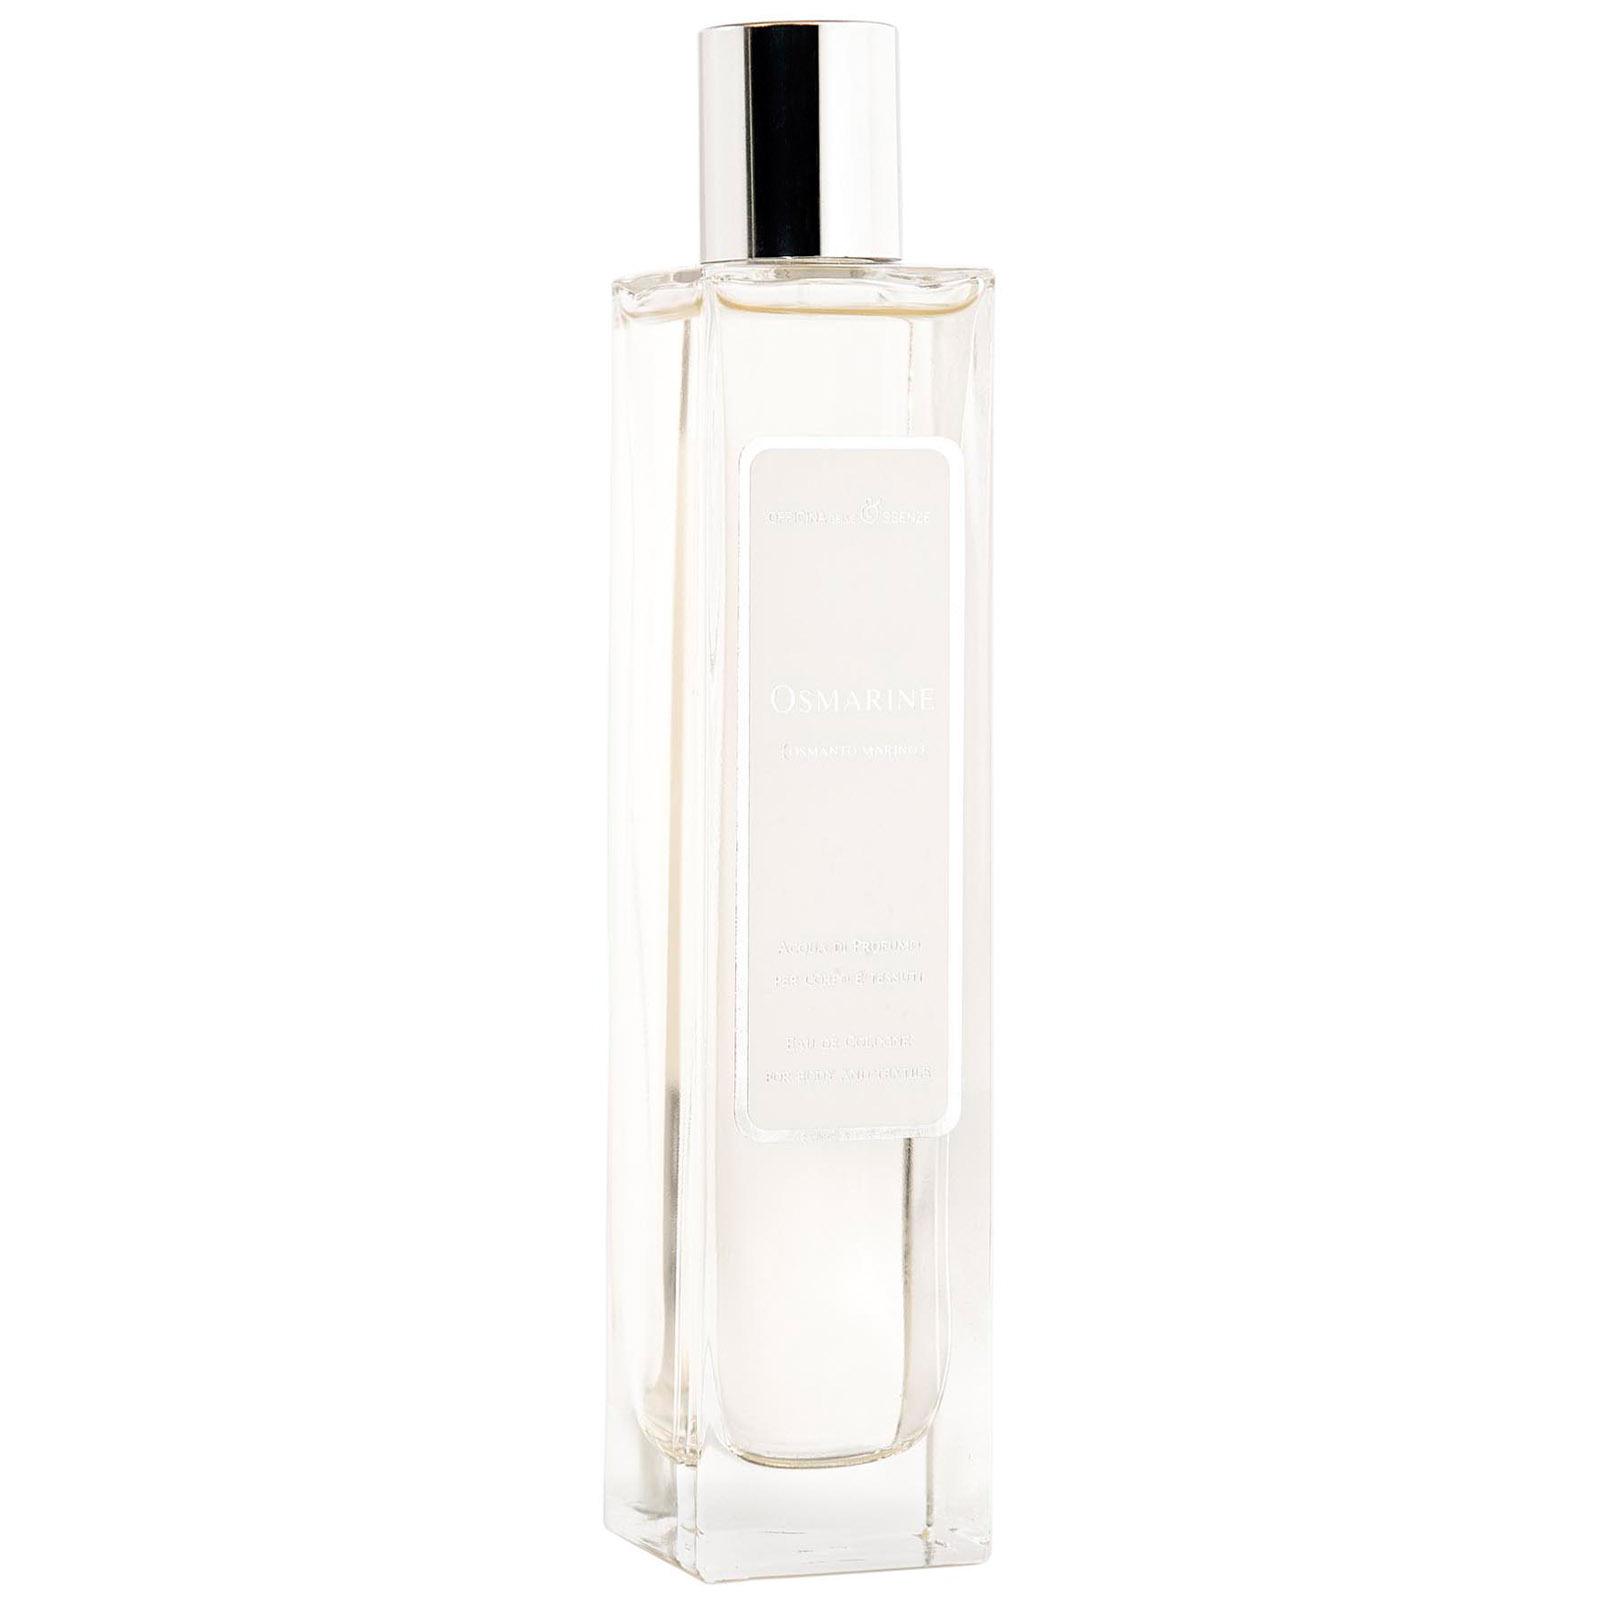 Osmarine profumo eau de cologne 100 ml